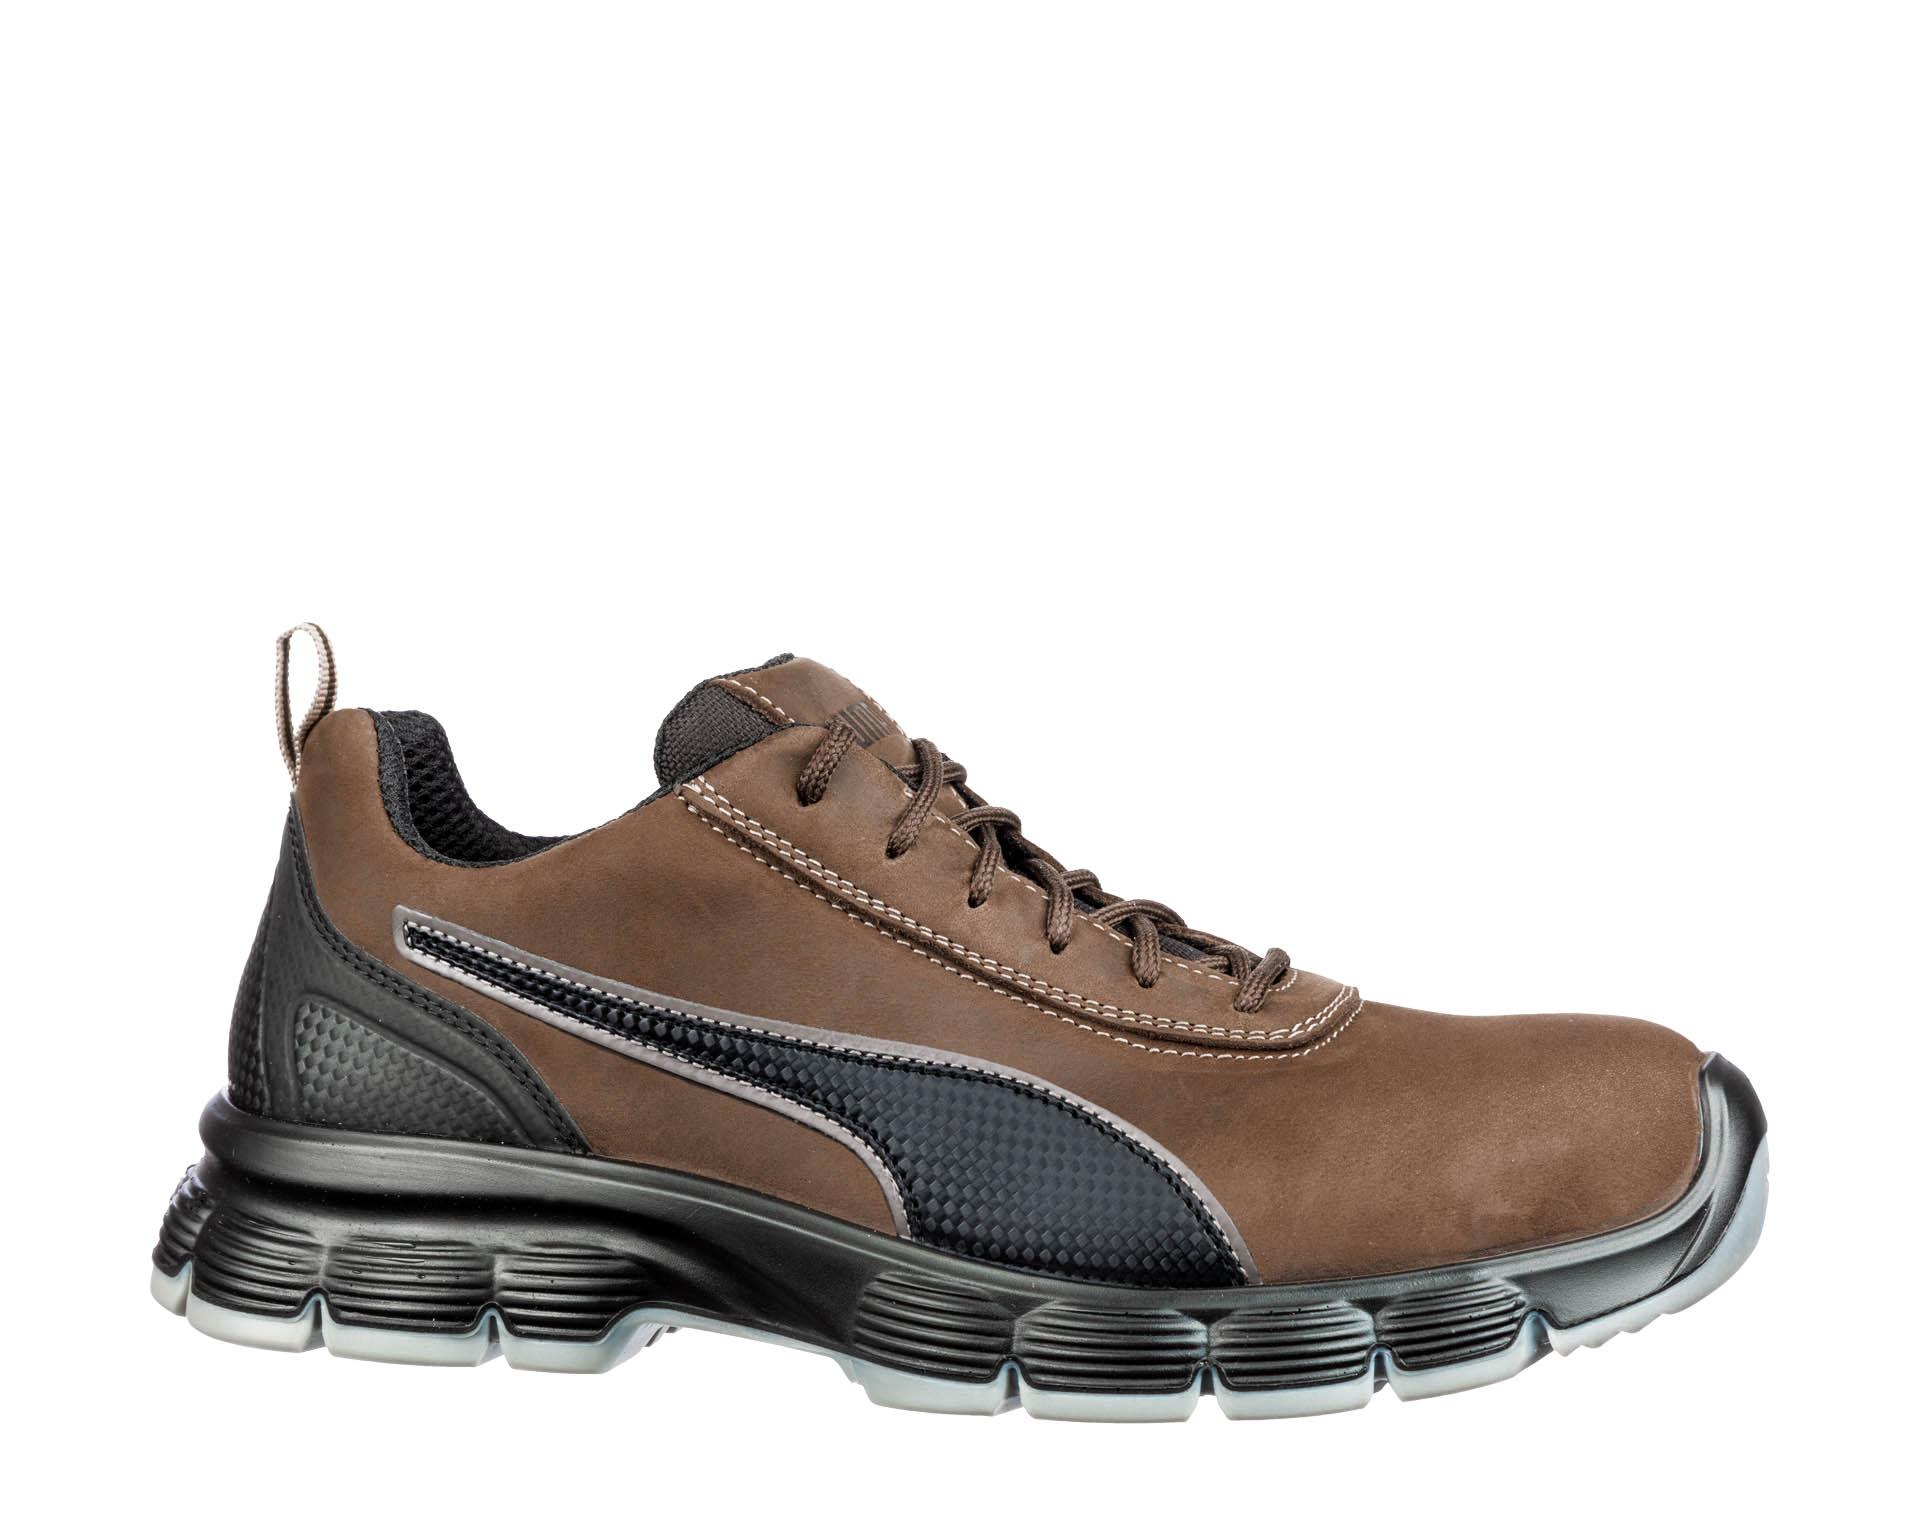 Sicherheitsschuhe im Fokus: Welcher Schuh für welchen